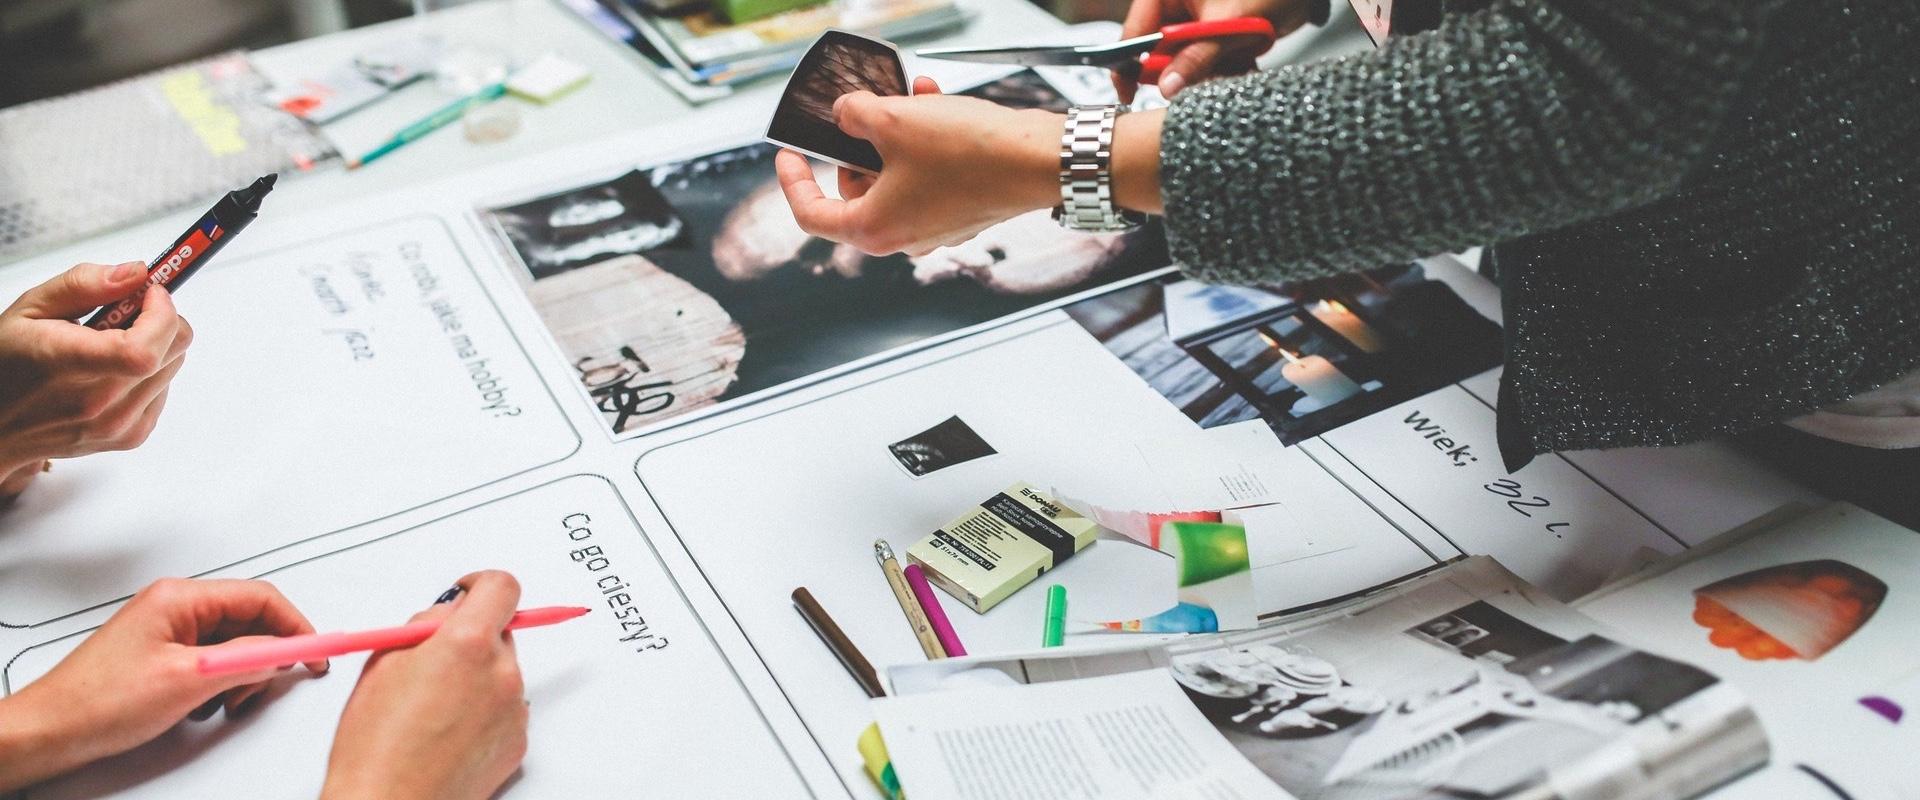 DesigningUxSolutionsPairs